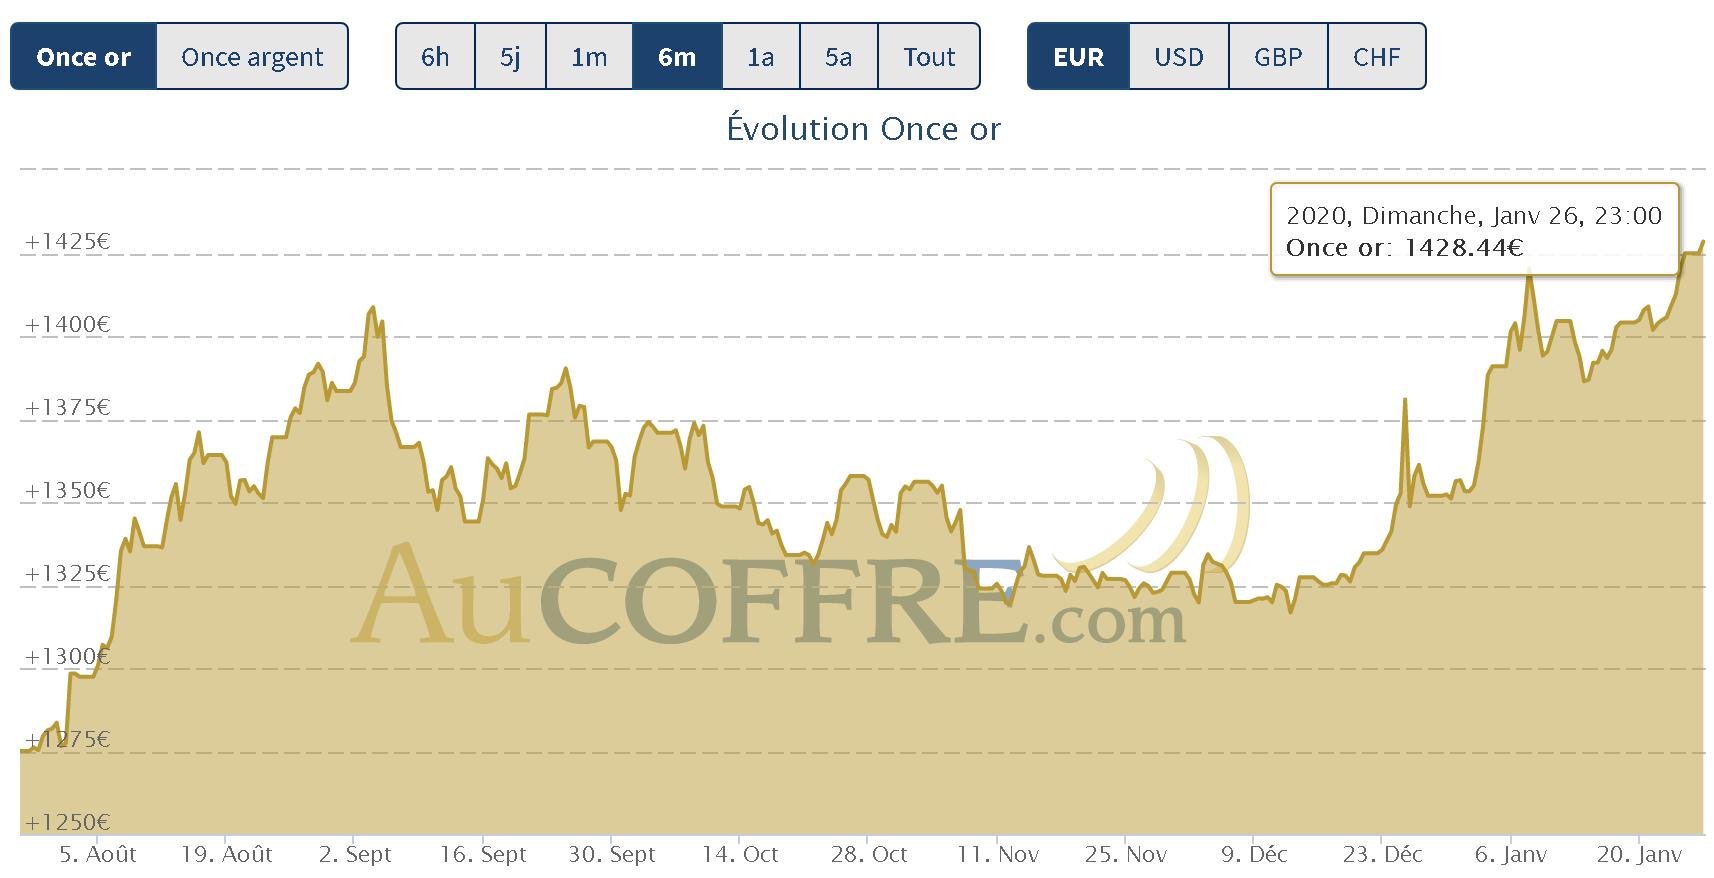 cours de l'or à 1428 euros l'once, un cours historique !